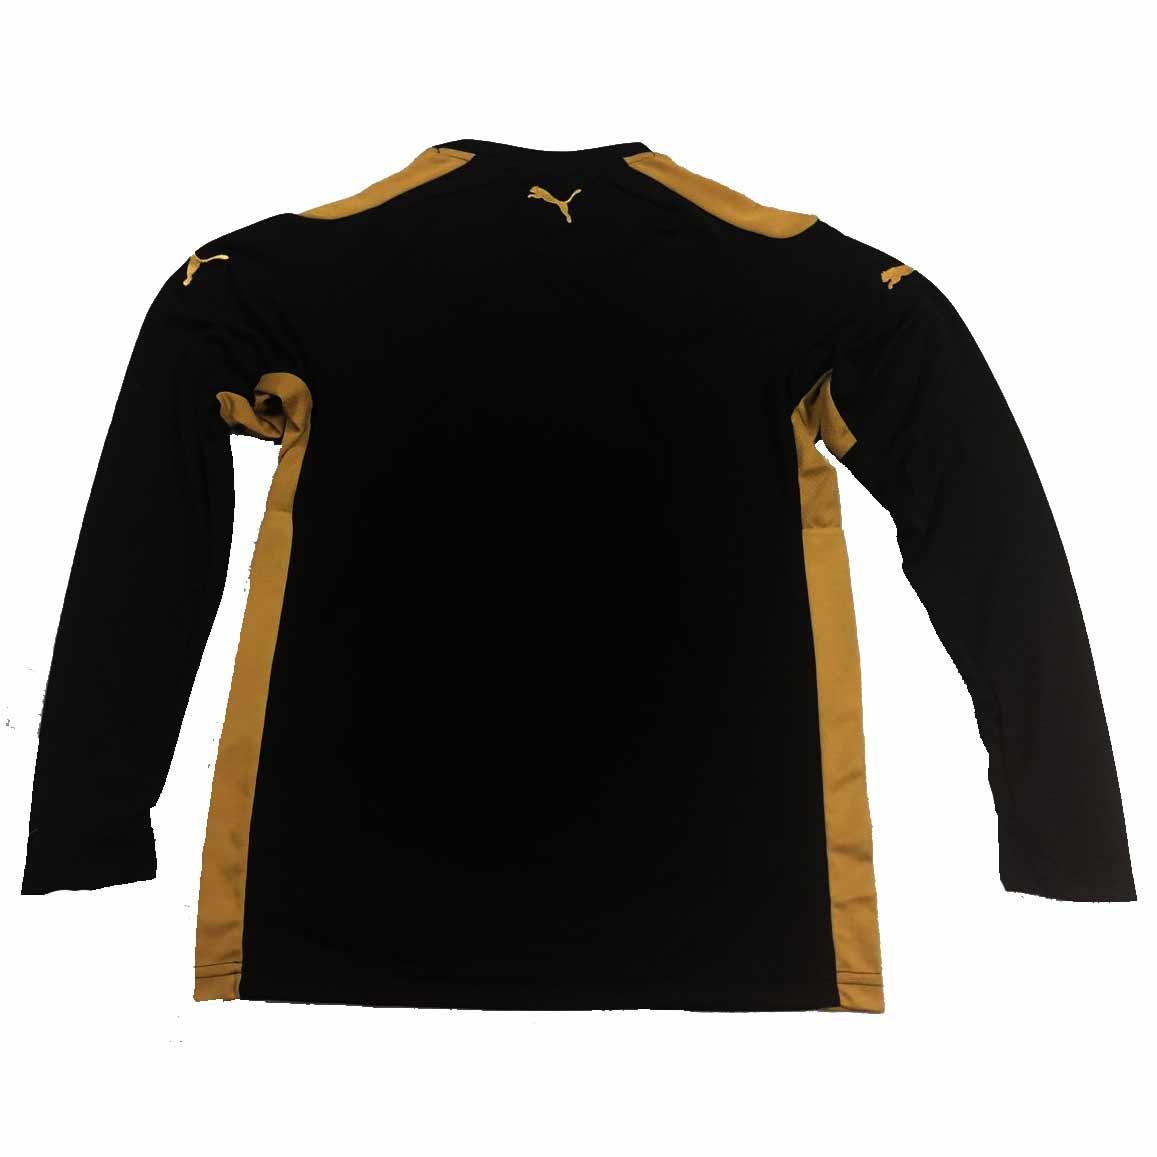 c1f818a278 Camisa Botafogo Goleiro I Oficial Puma Manga Longa